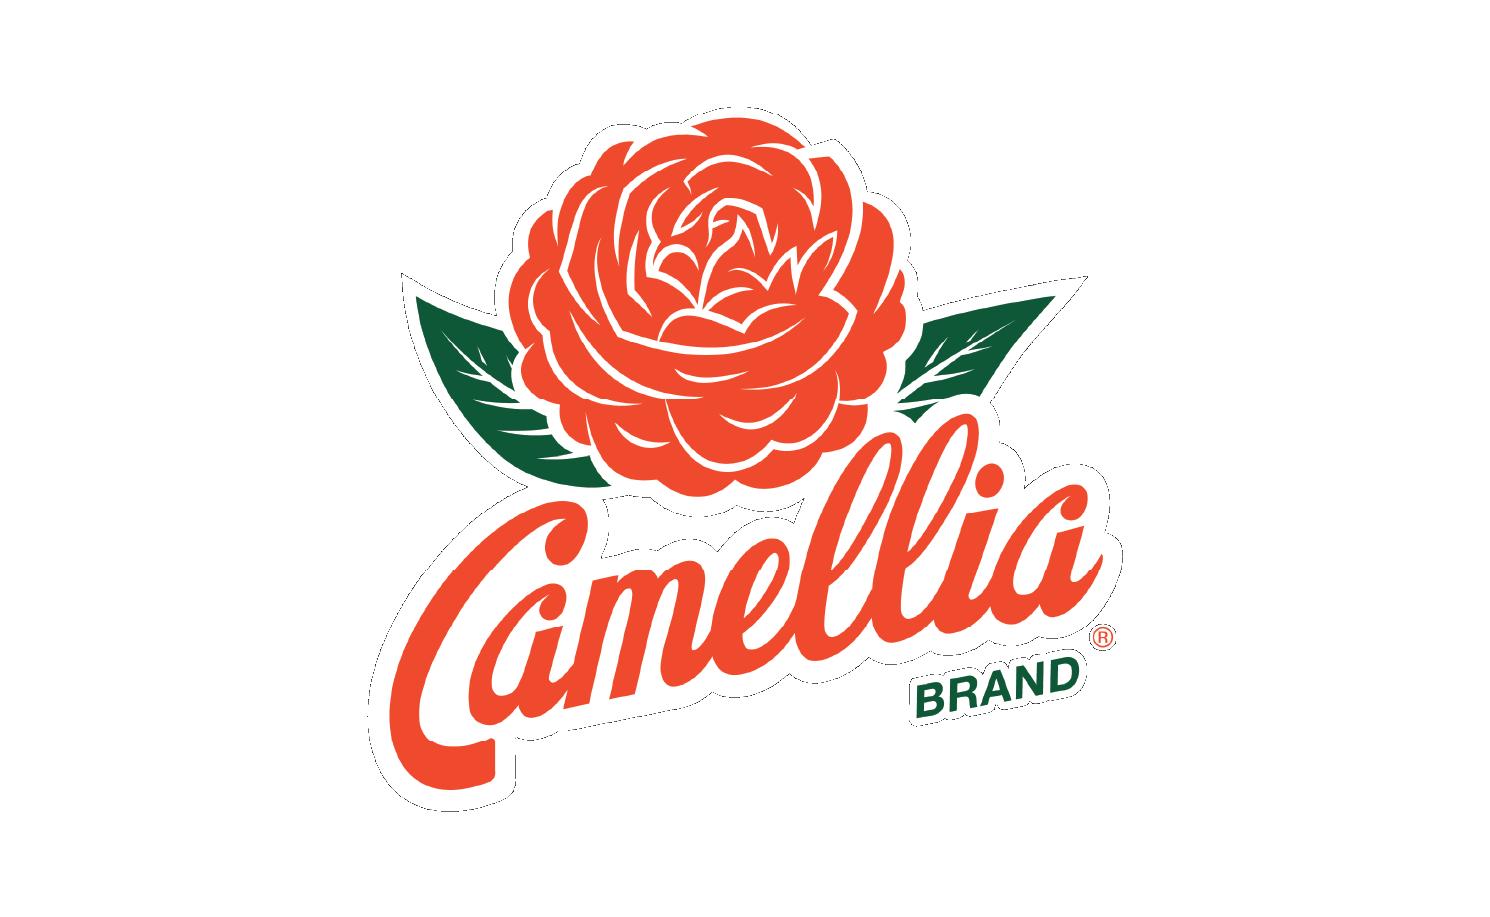 Camellia Brand Logo